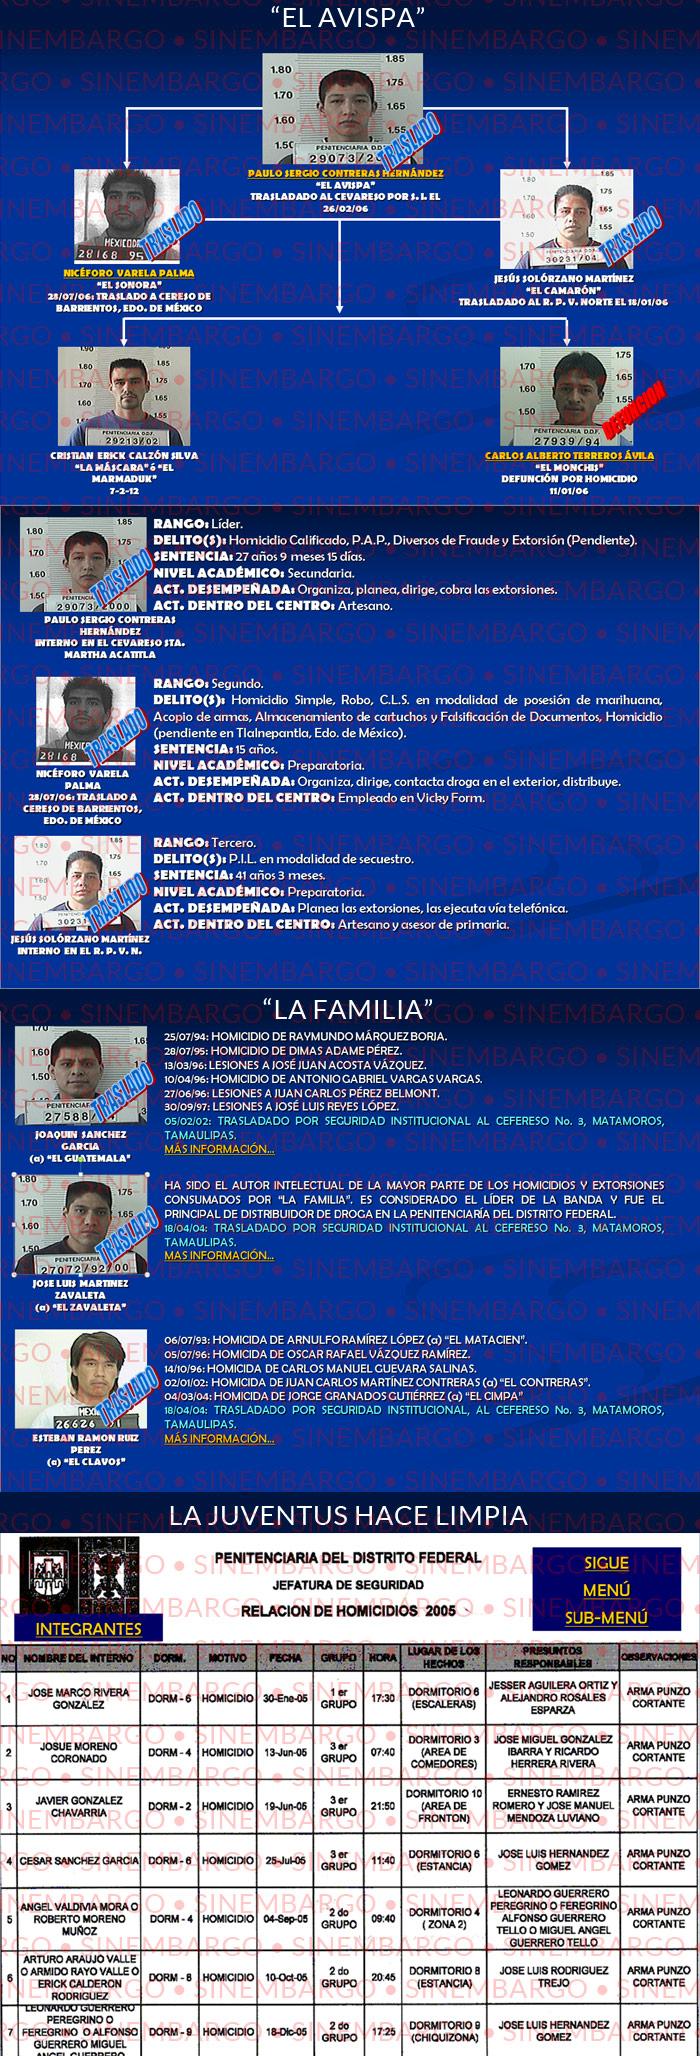 La hermandad de los asesinos. Documentos oficiales internos